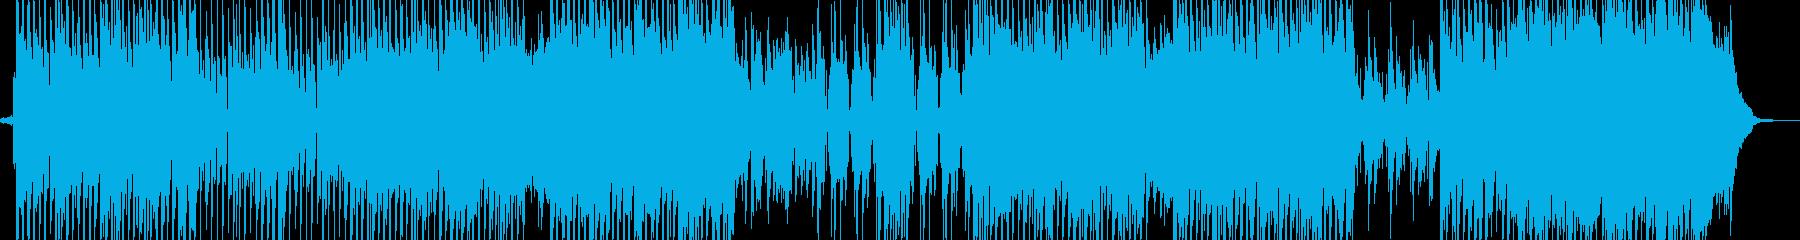 スリラーシンセ・テクノ ホルン有ギター無の再生済みの波形